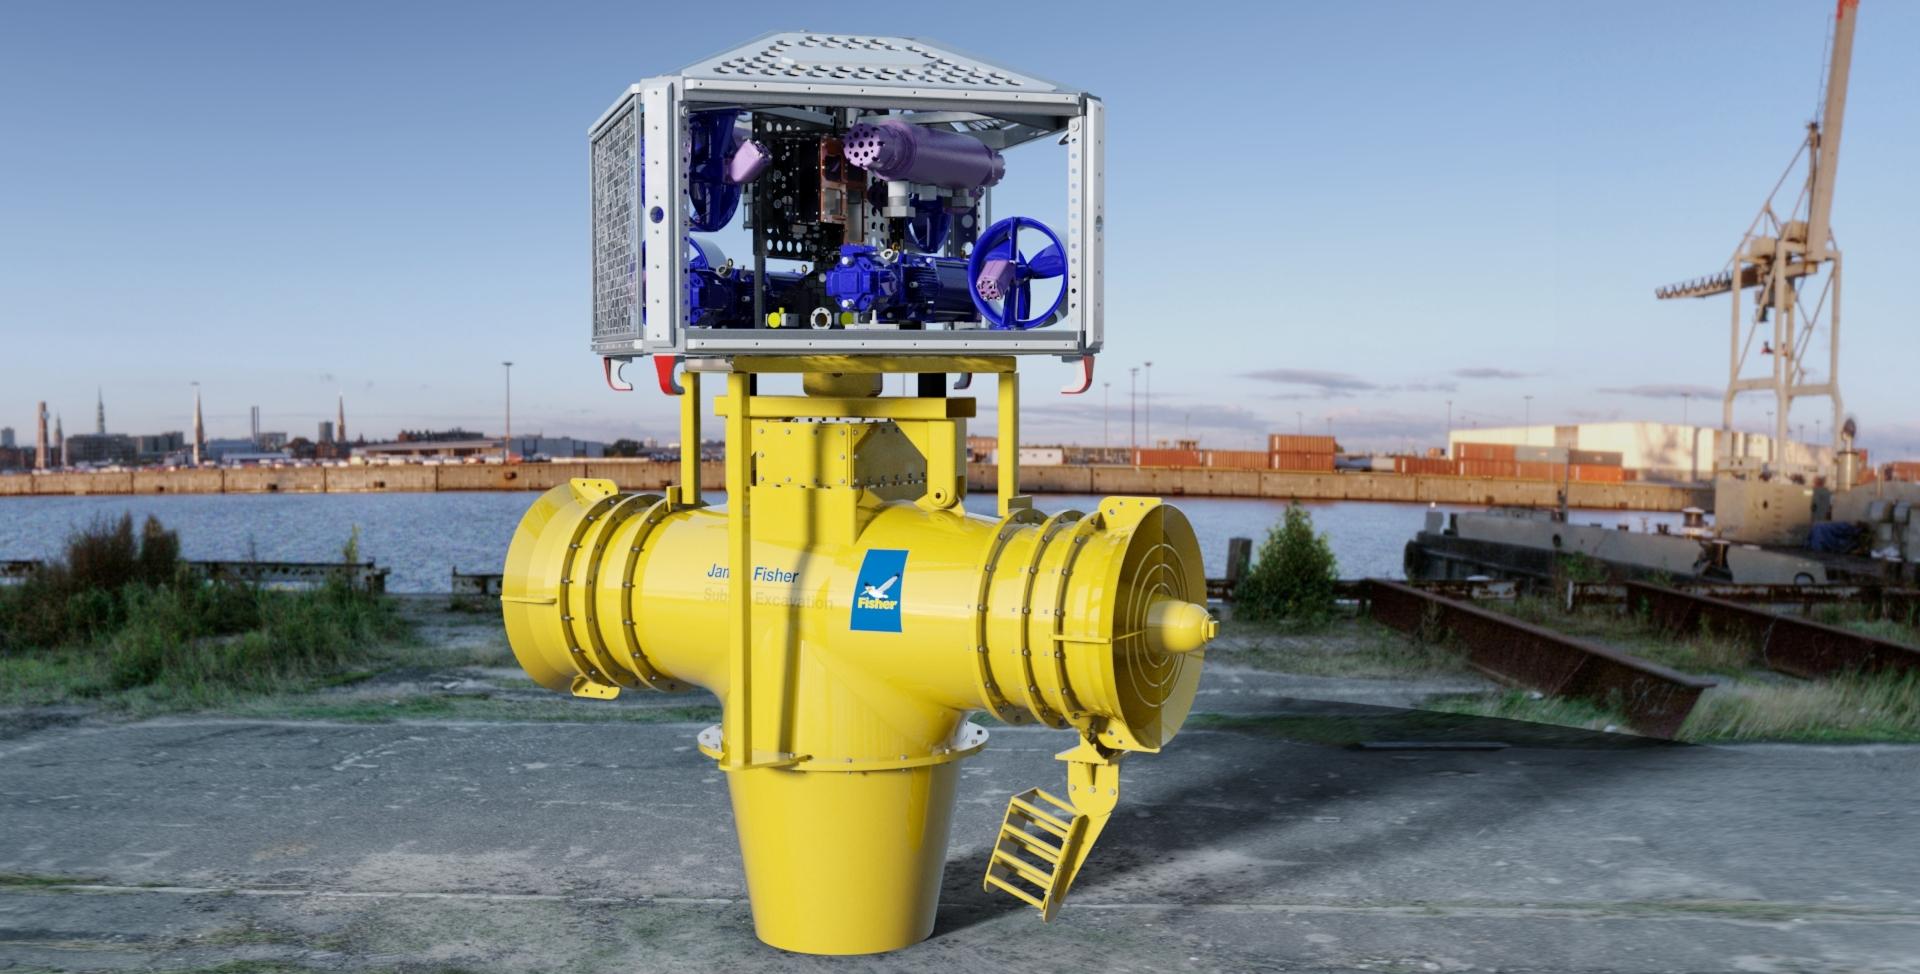 The new MultiROV